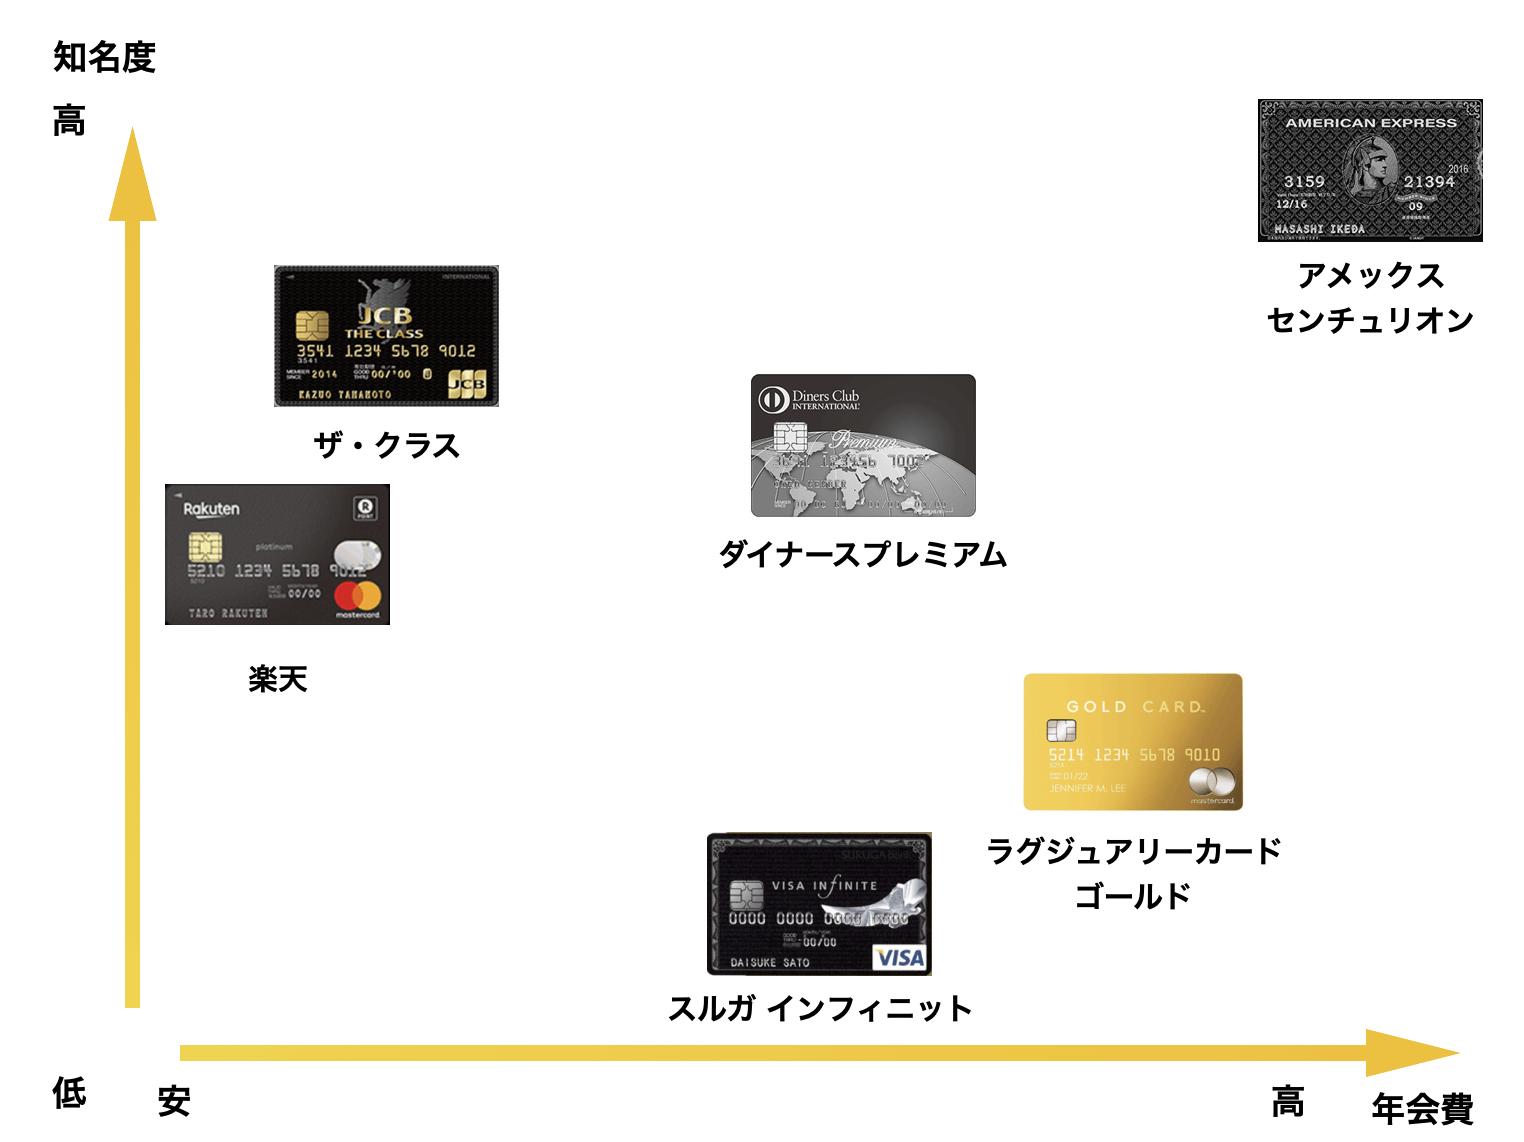 ブラックカードの知名度と年会費の相関図